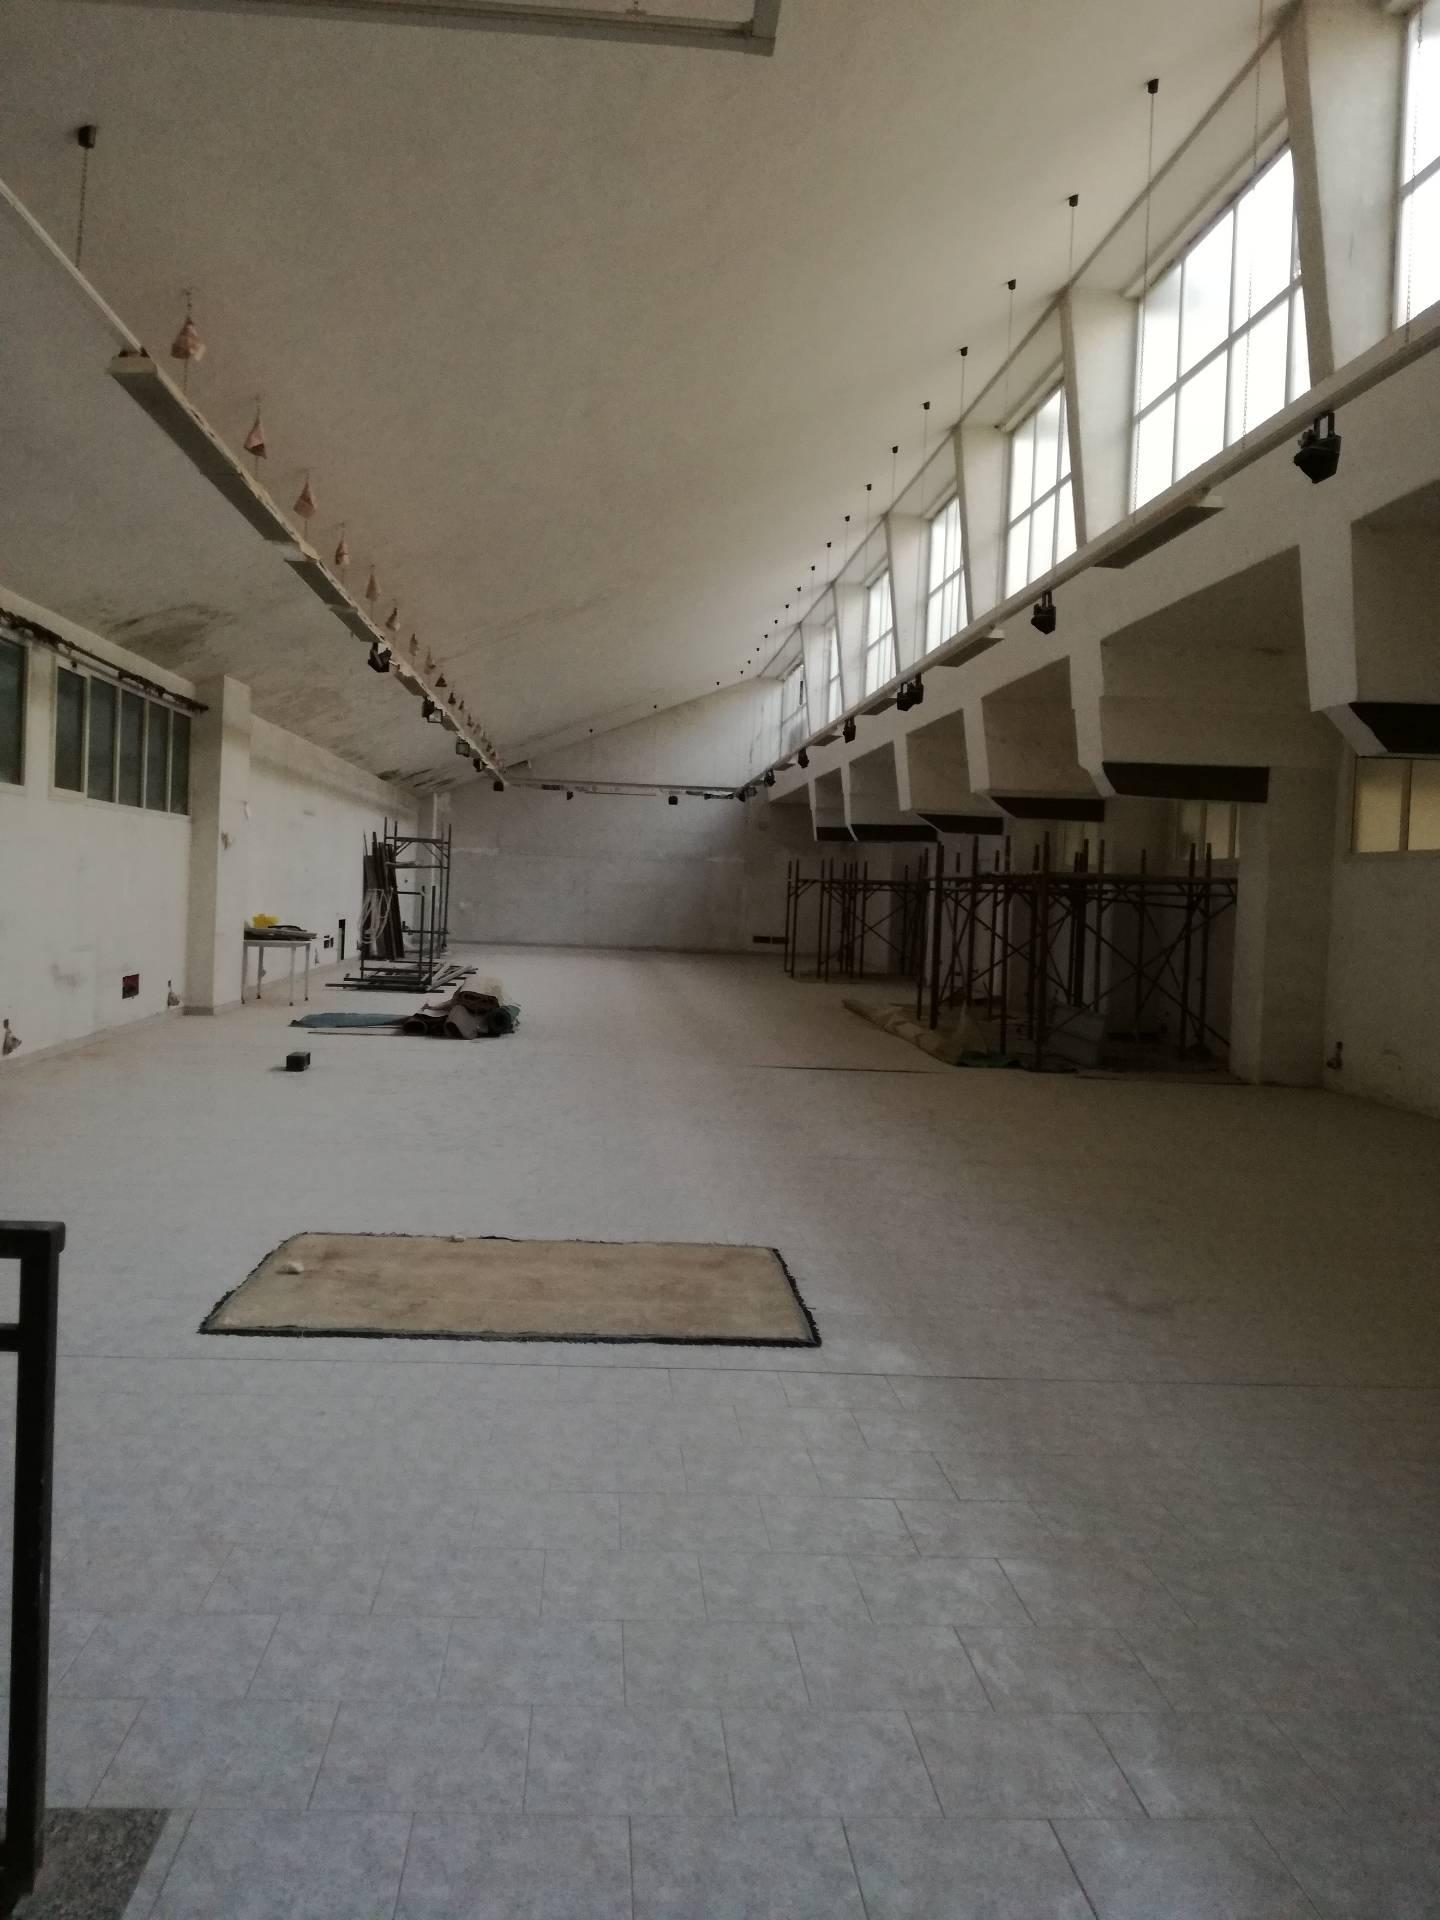 Negozio / Locale in affitto a Verbania, 9999 locali, zona Zona: Intra, prezzo € 2.000   CambioCasa.it